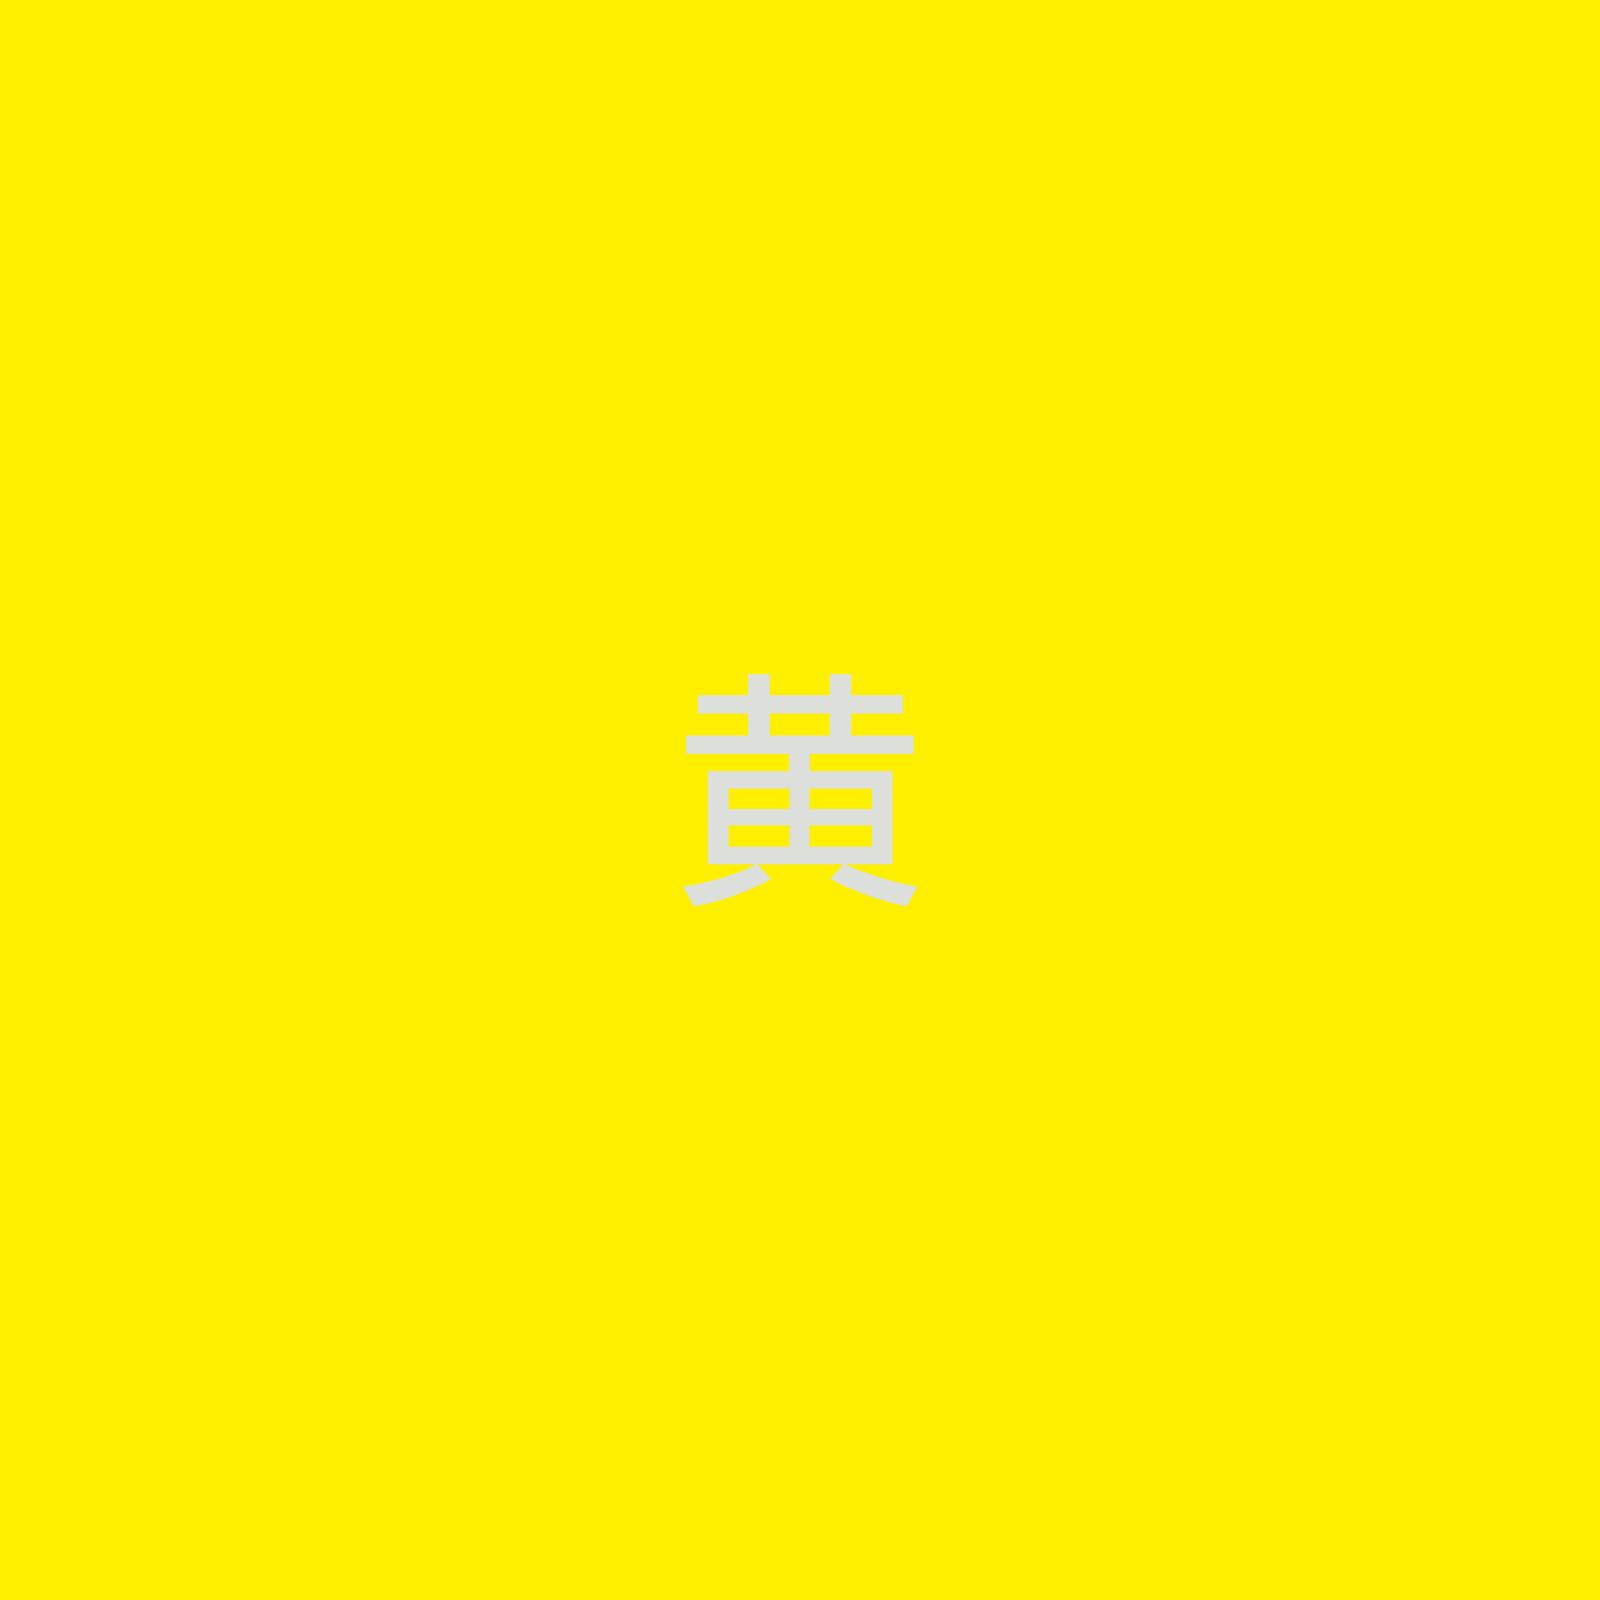 黄色の正方形